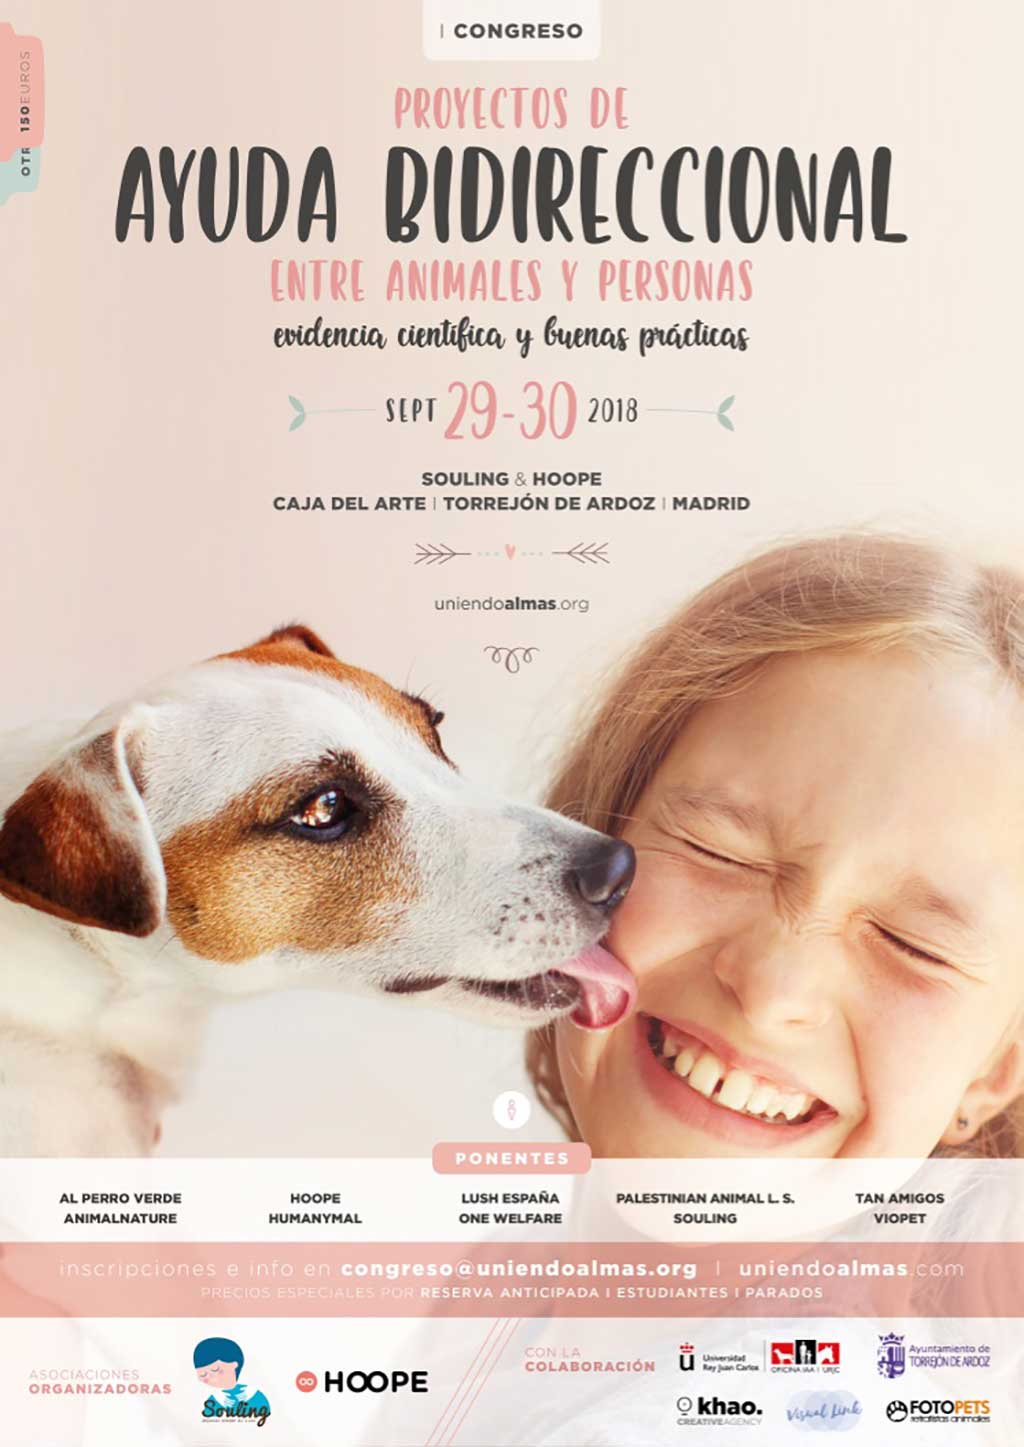 El 29 y 30 de Septiembre, el municipio madrileño de Torrejón de Ardoz acogerá el primer congreso de proyectos de ayuda bidireccional entre animales y personas.